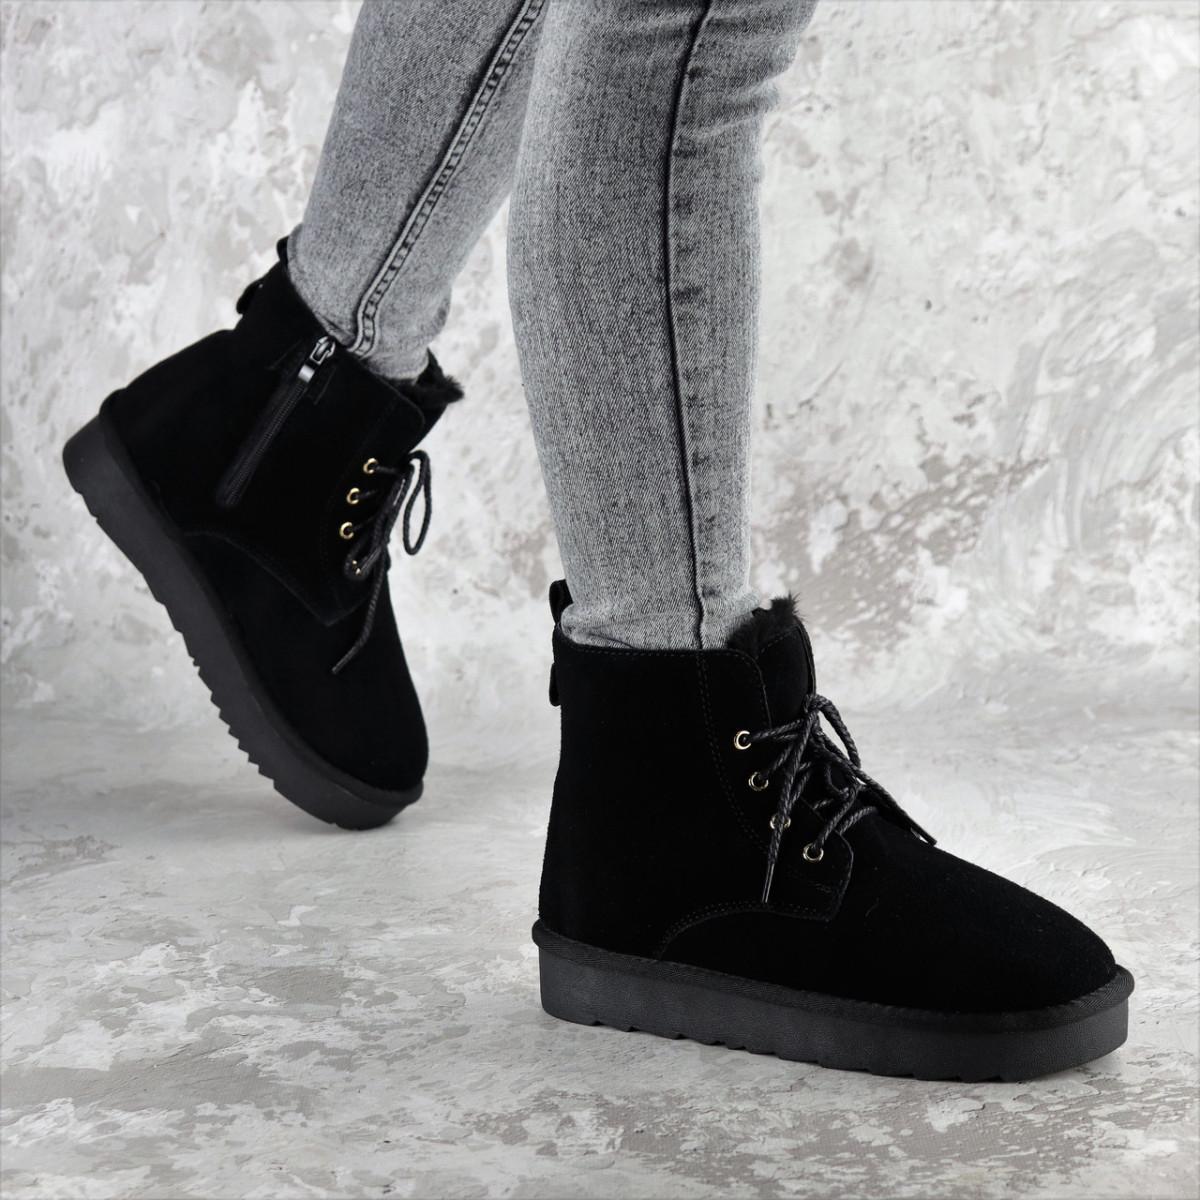 Ботинки женские зимние черные Roosevelt 2380 (36 размер)